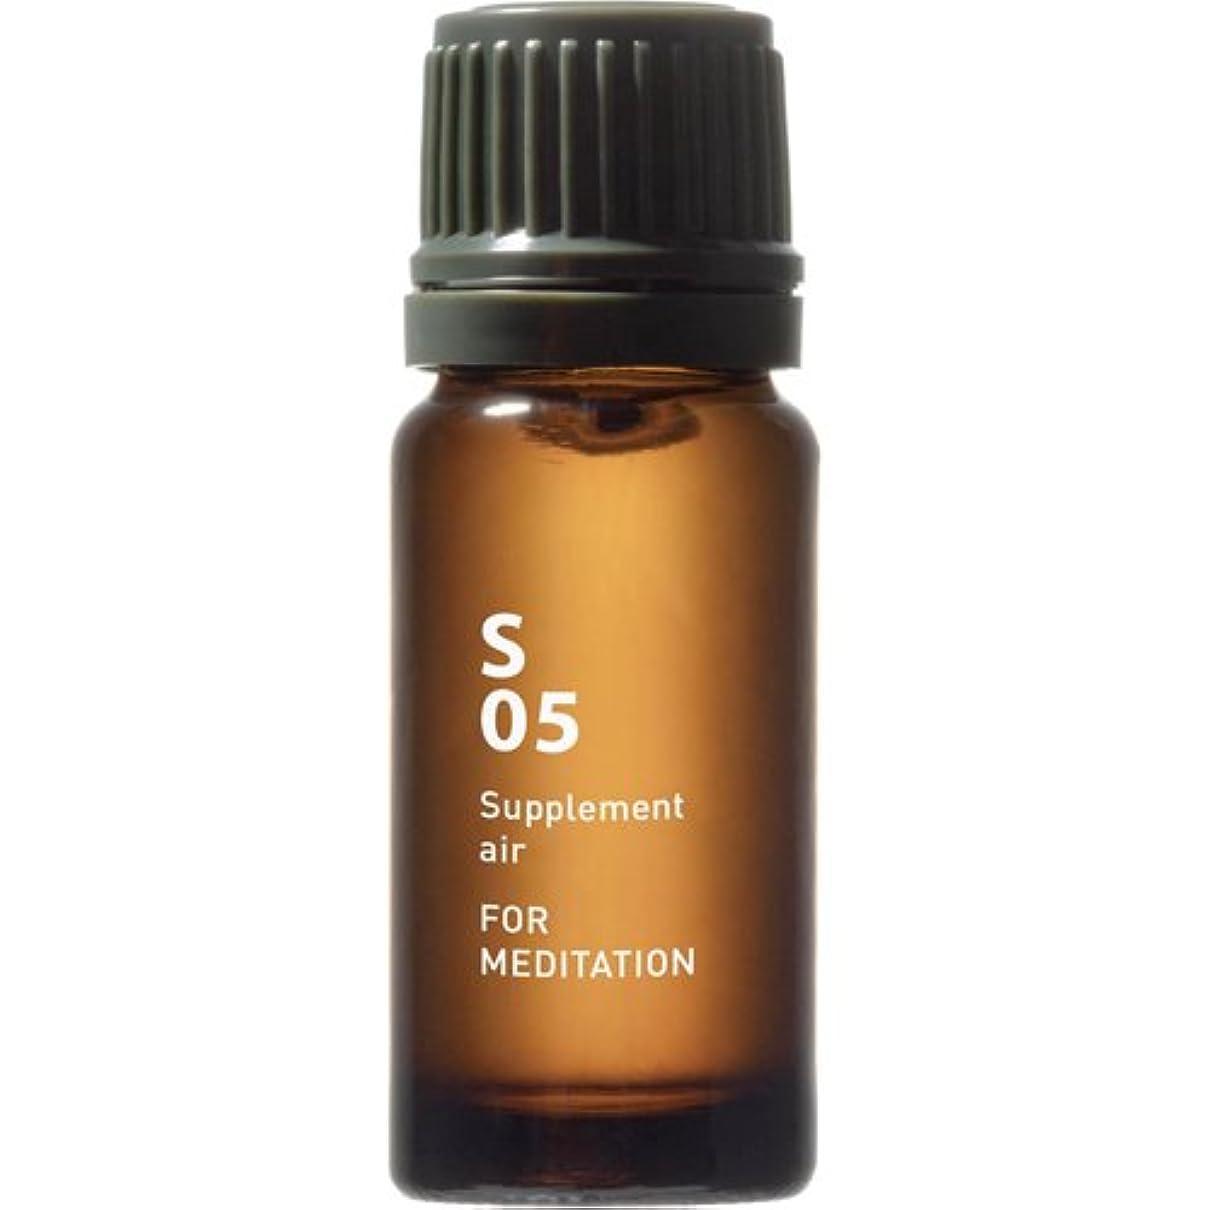 温室家禽有益なS05 FOR MEDITATION Supplement air 10ml